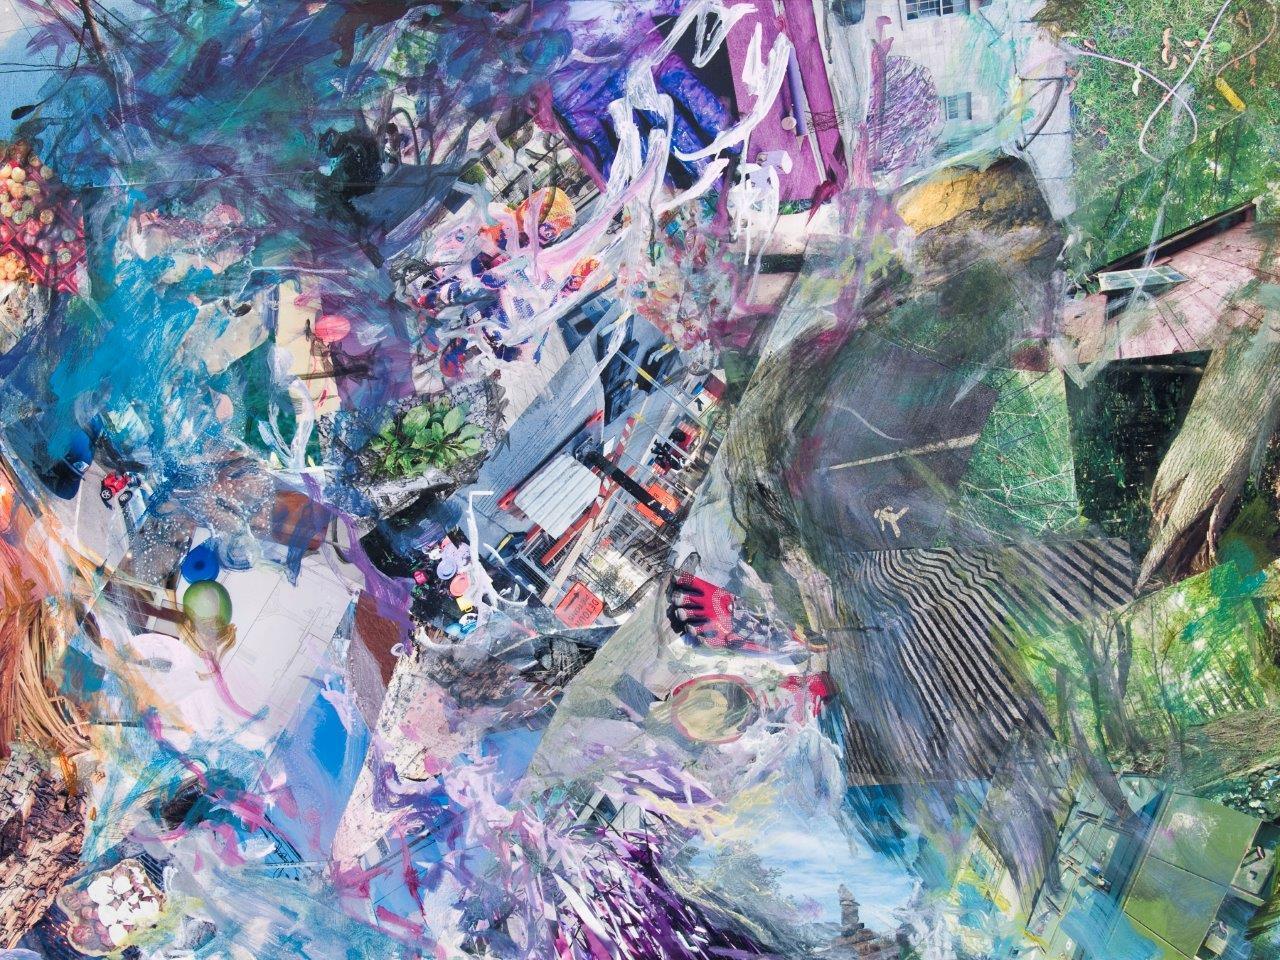 Birdman on a ledge 45x60 okltnx